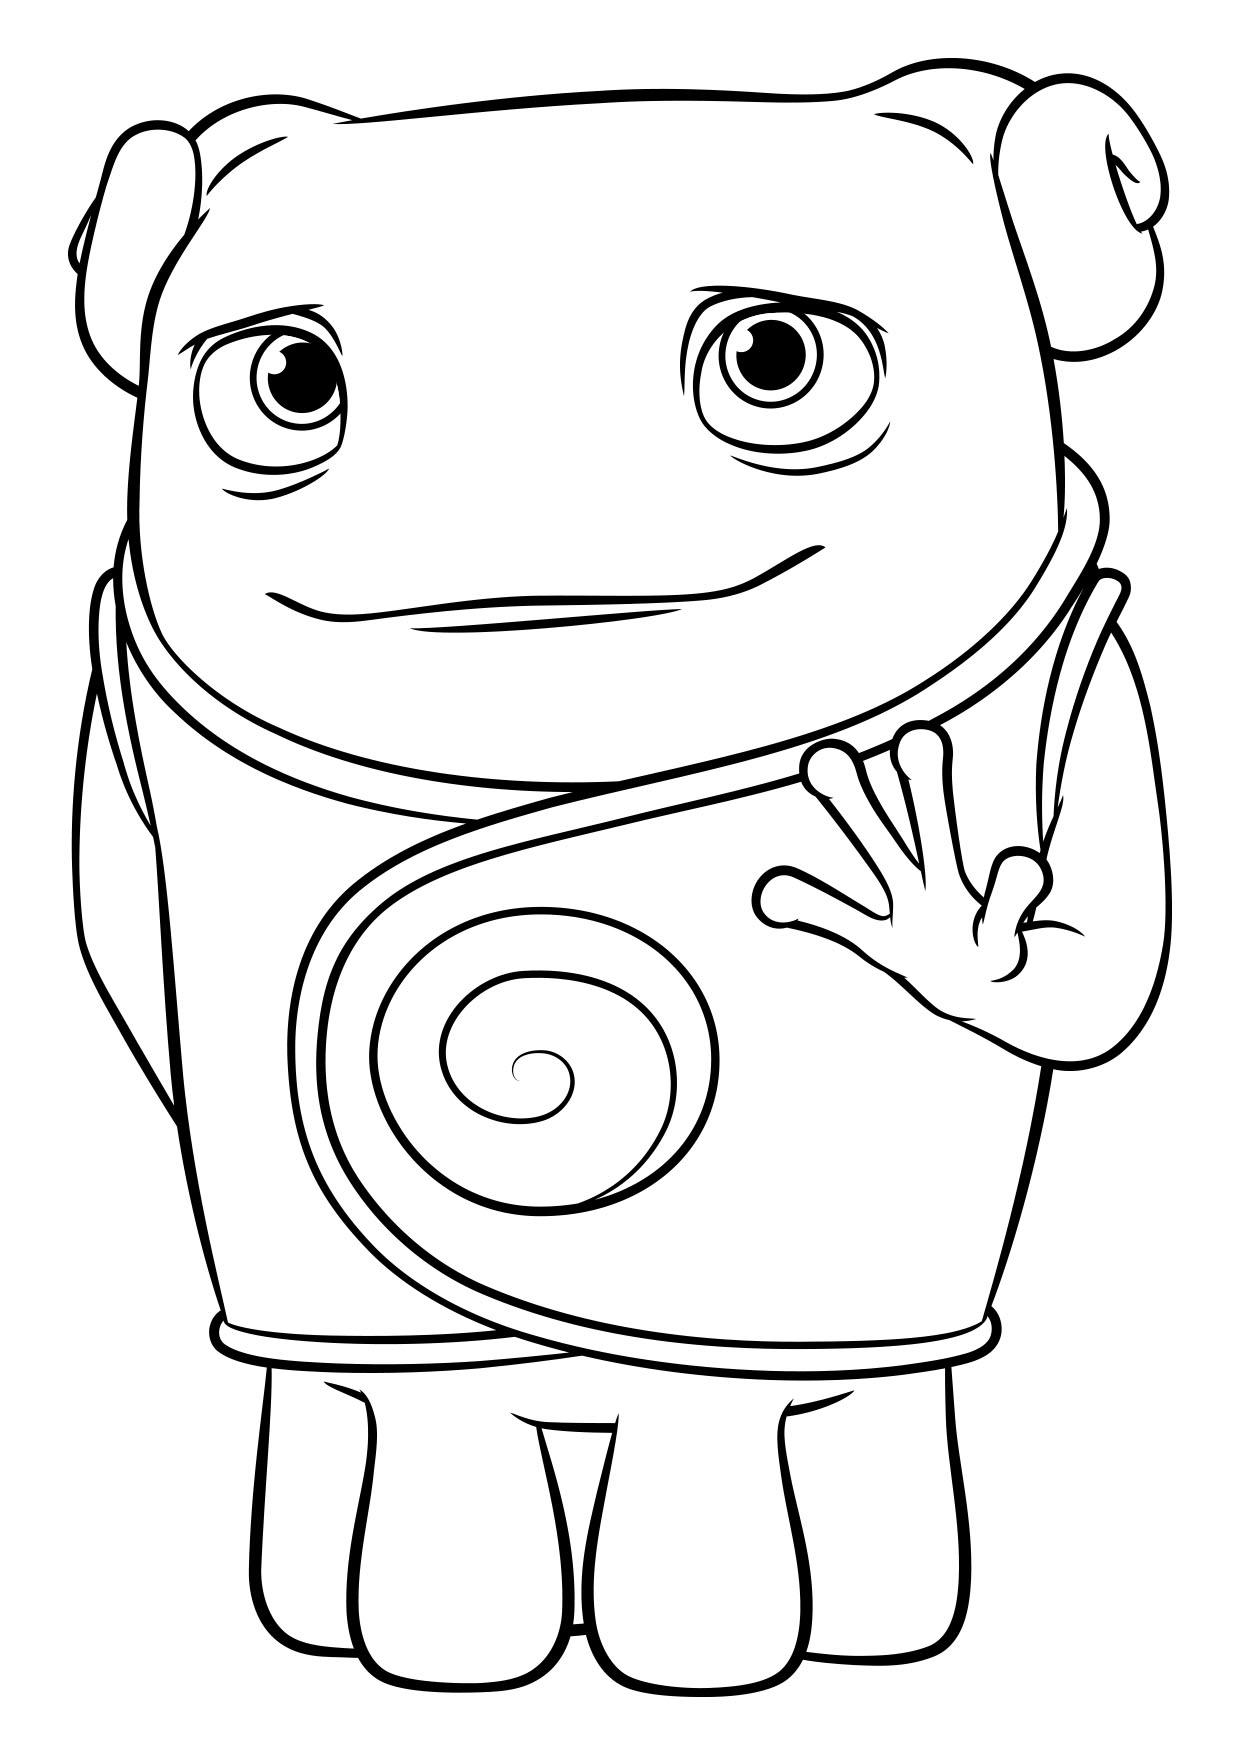 Meilleur de dessin coloriage gratuit gulli - Gulli fr coloriage ...